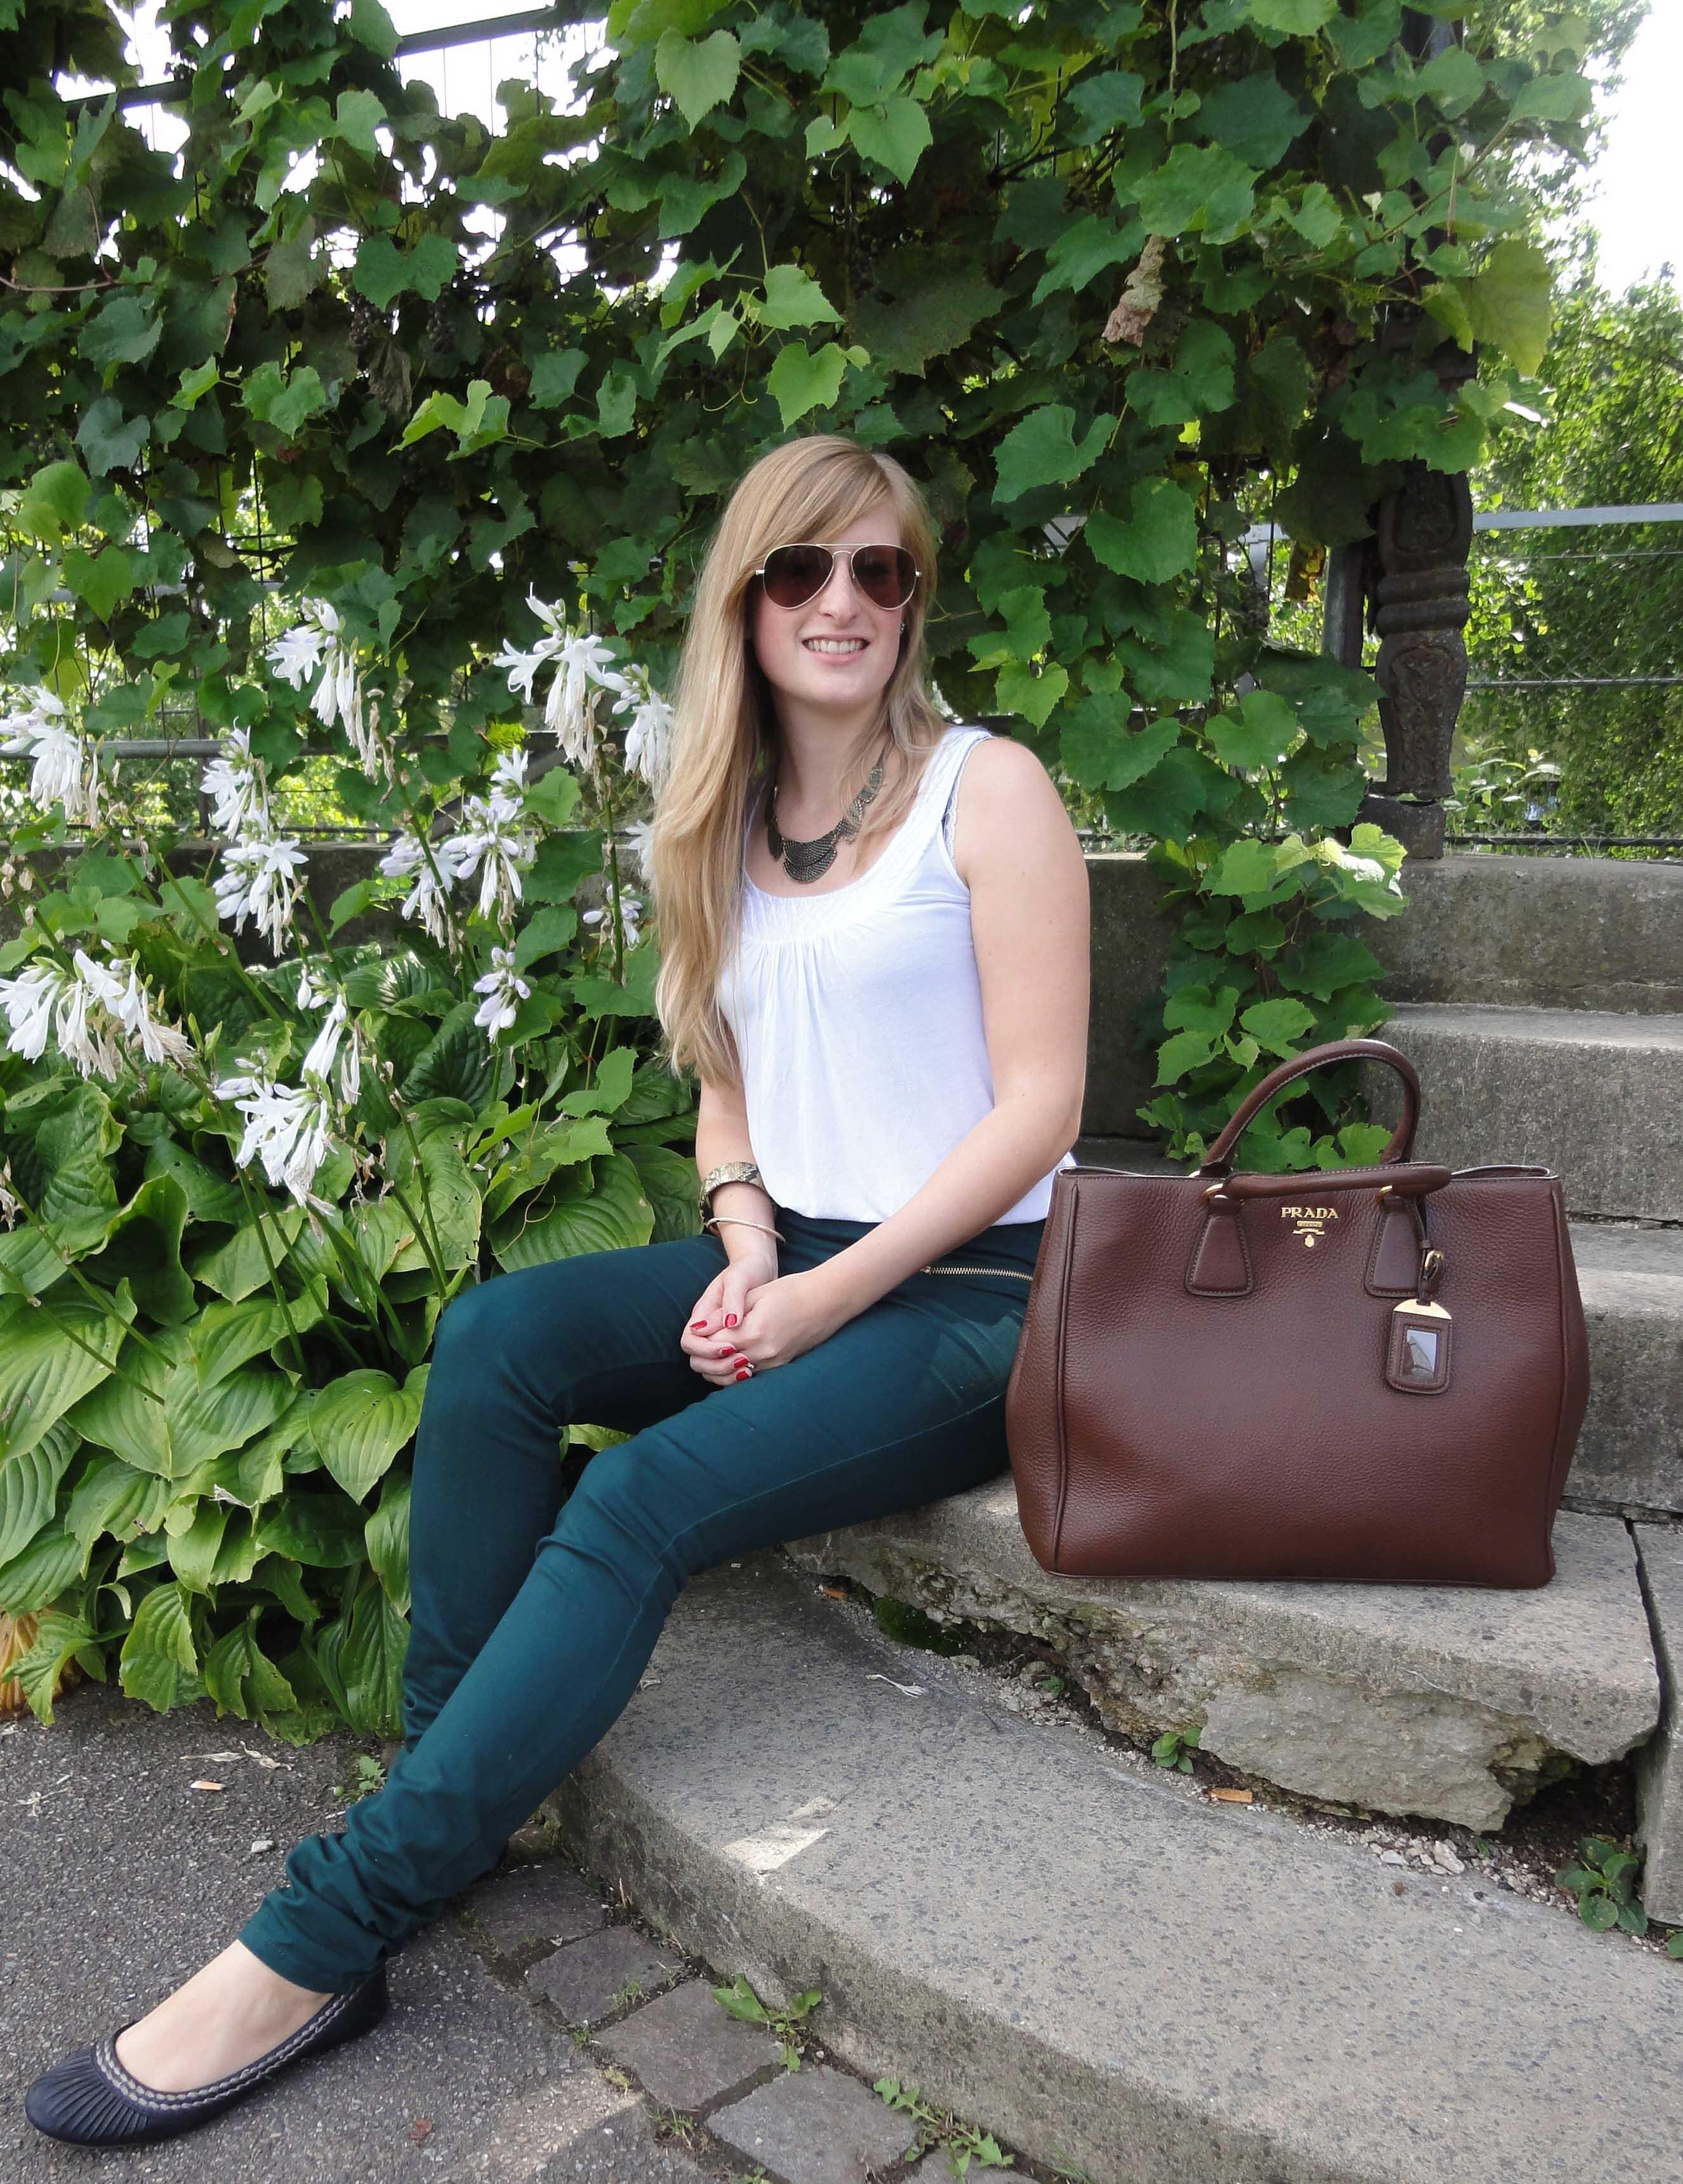 High Waist Trousers High Waist Hose kombinieren Grün Stuttgart Zoo Modeblog Outfit Sonntag Prada braun 3